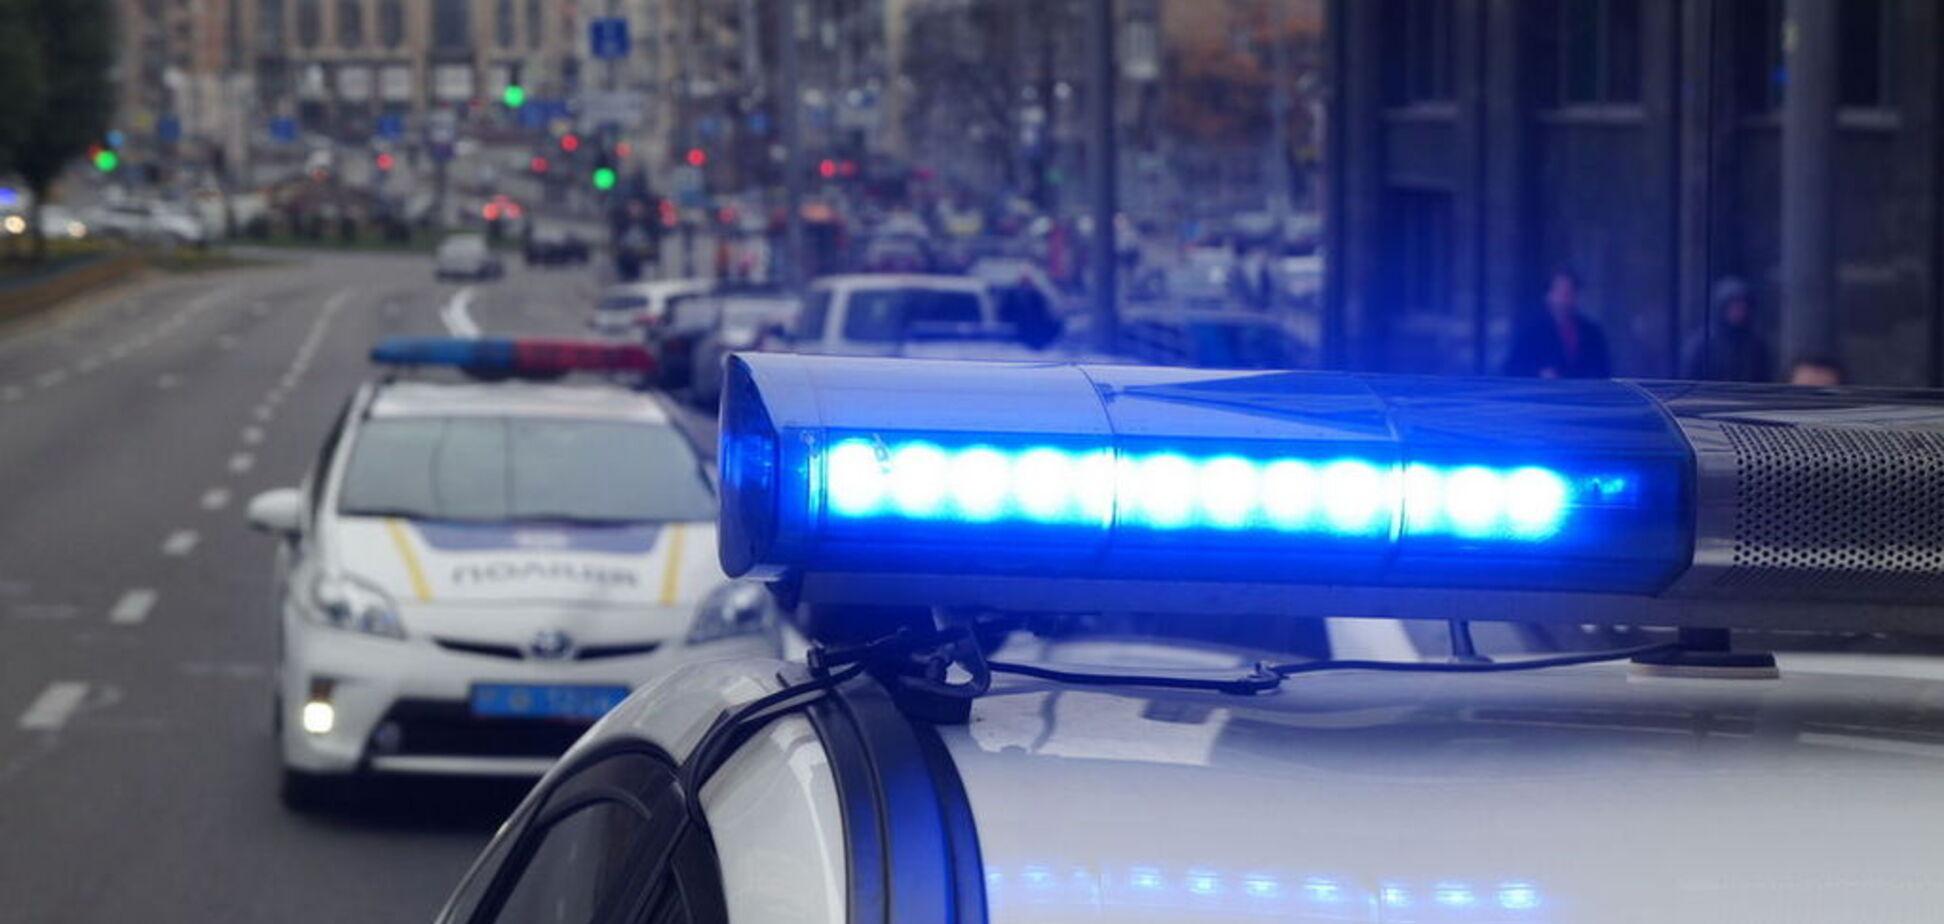 Силой посадили в авто и увезли: в Кривом Роге объявили план 'Перехват'